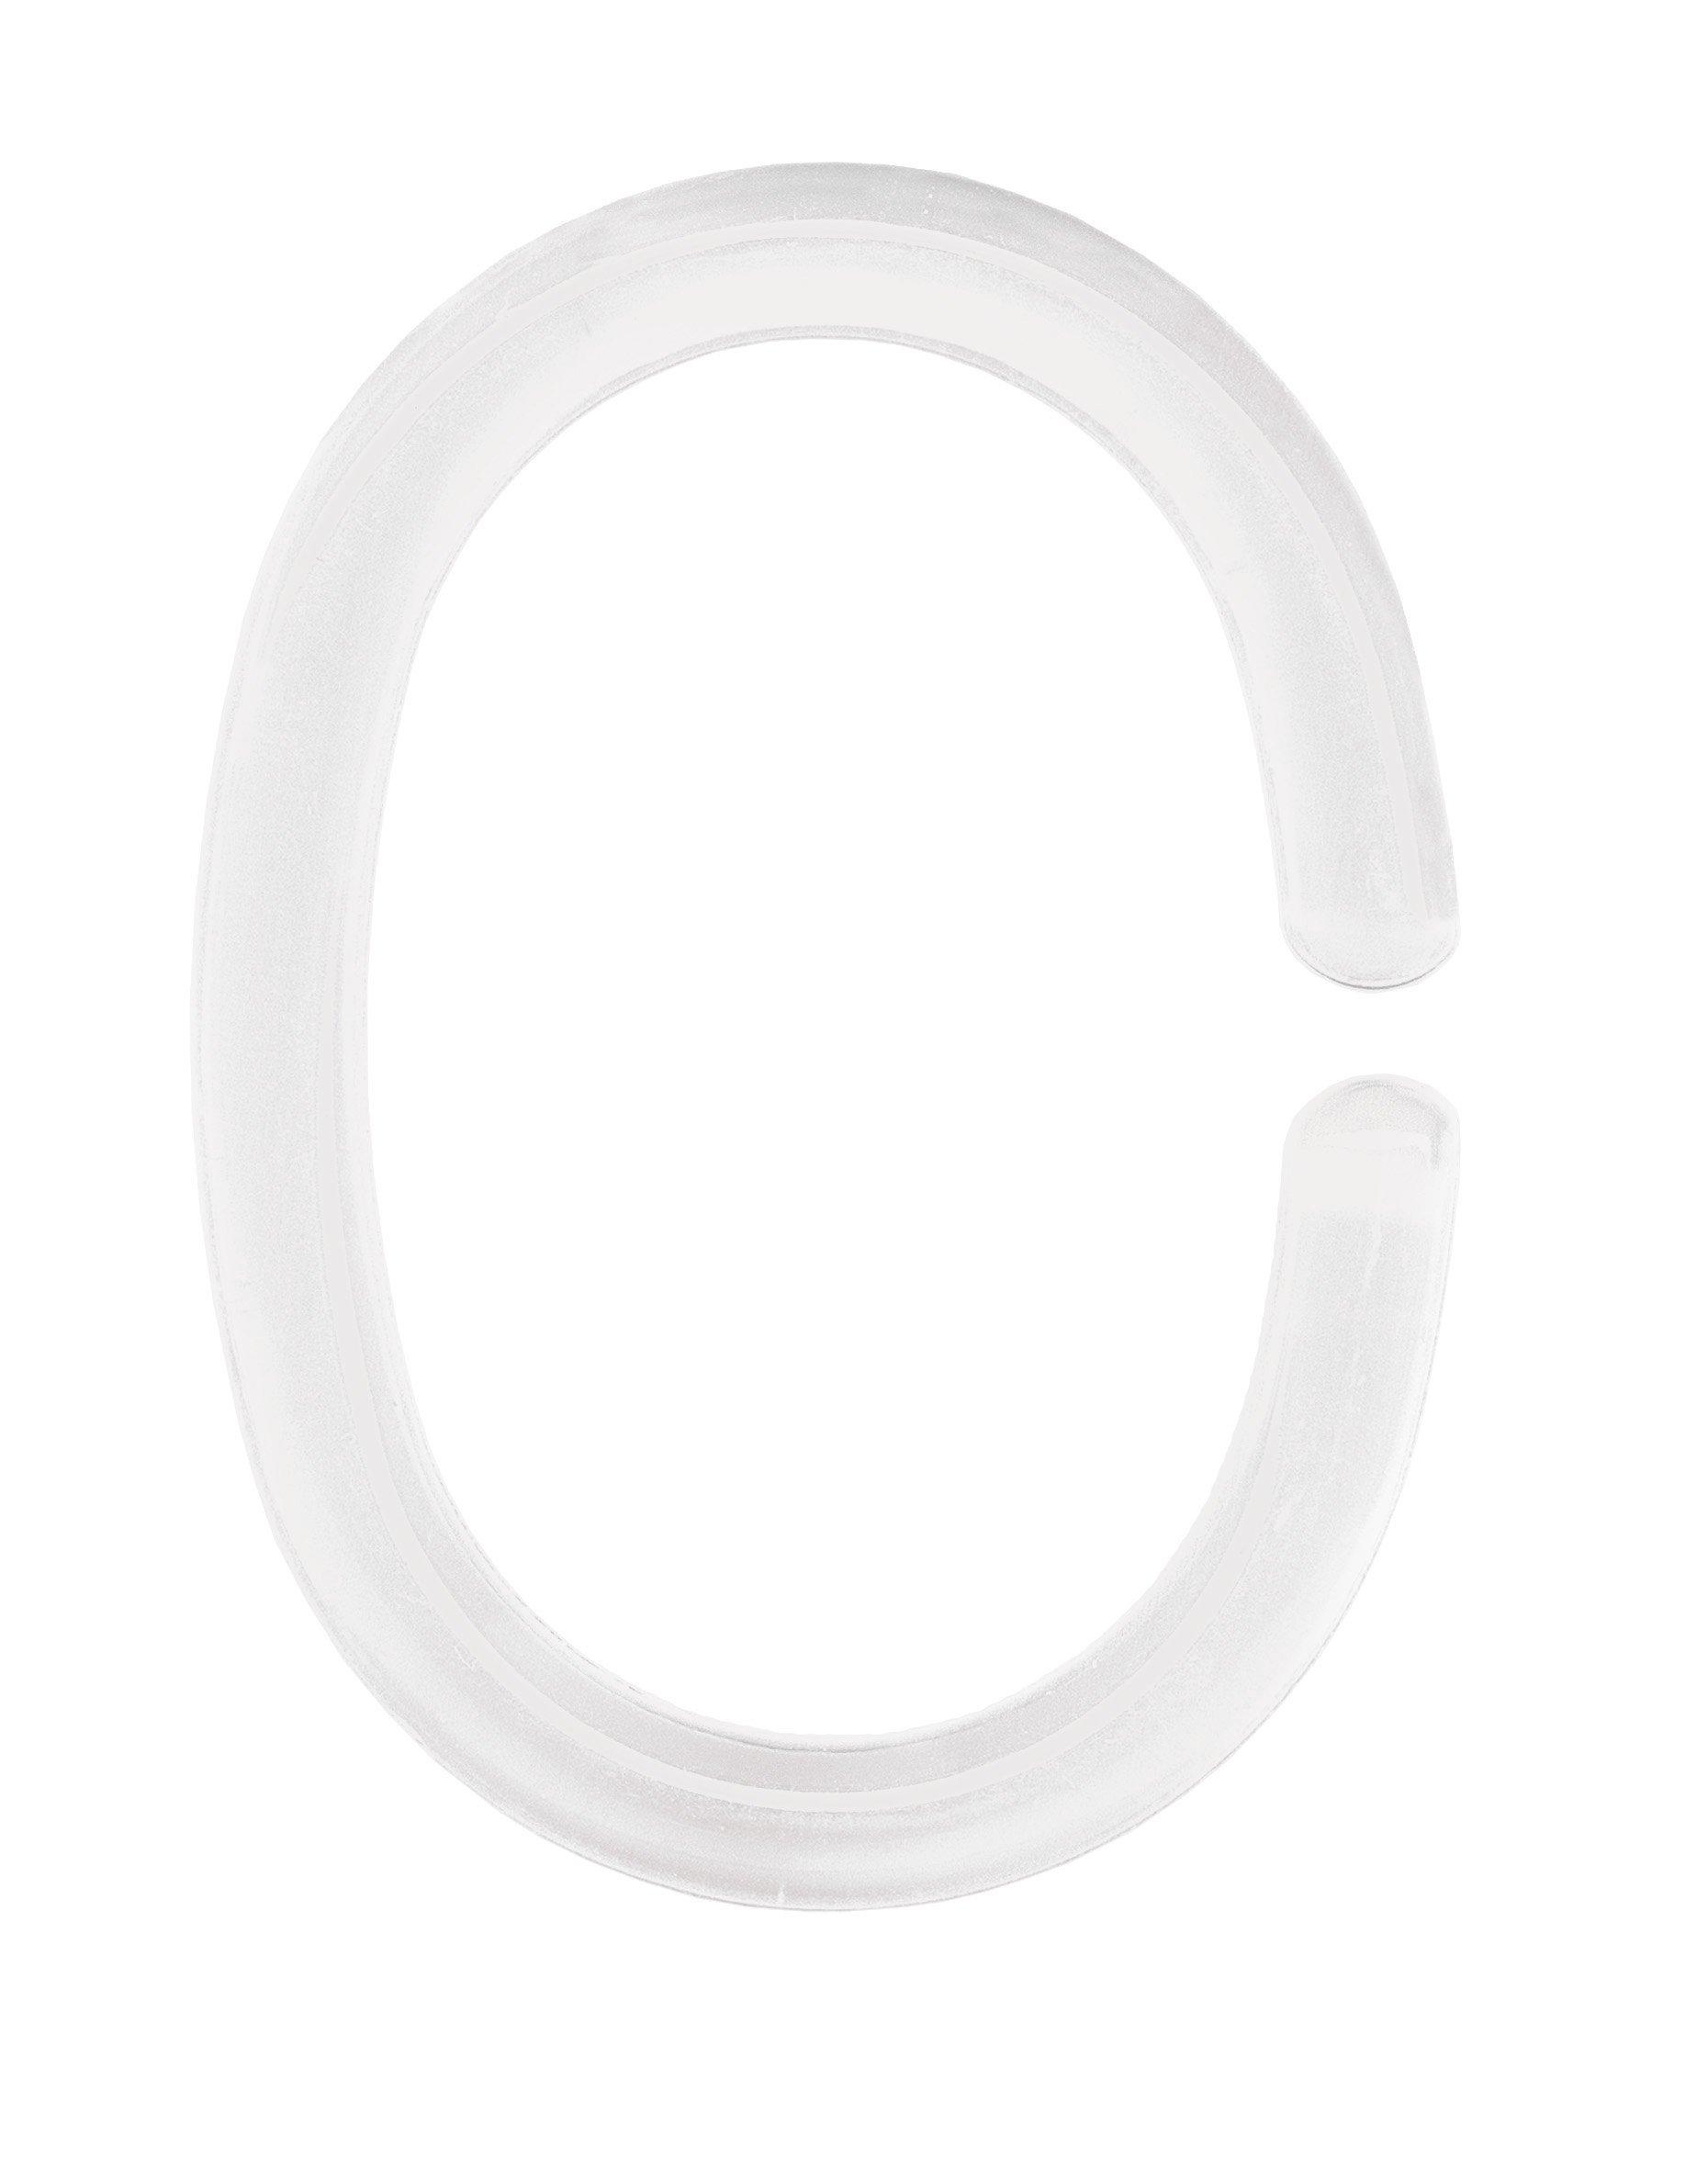 DV-Ringe DV-Ringe Weiss B:4,3cm